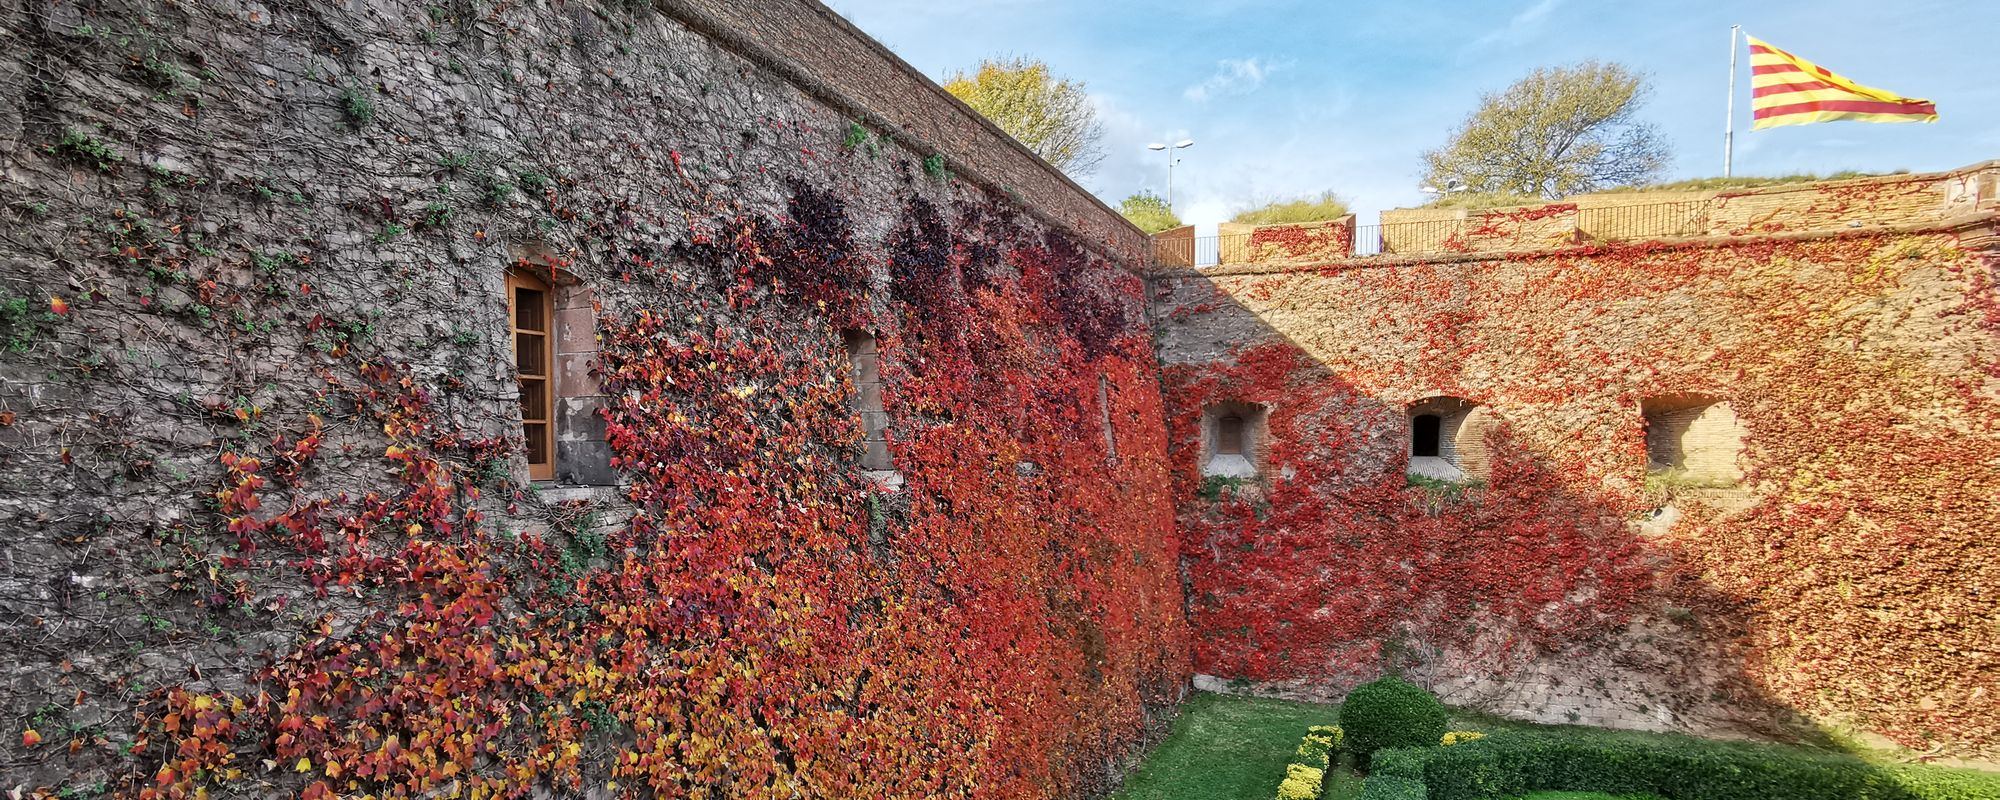 Zidurile exterioare ale castelului Montjuic, în Barcelona. Îți și pare rău să le ataci.